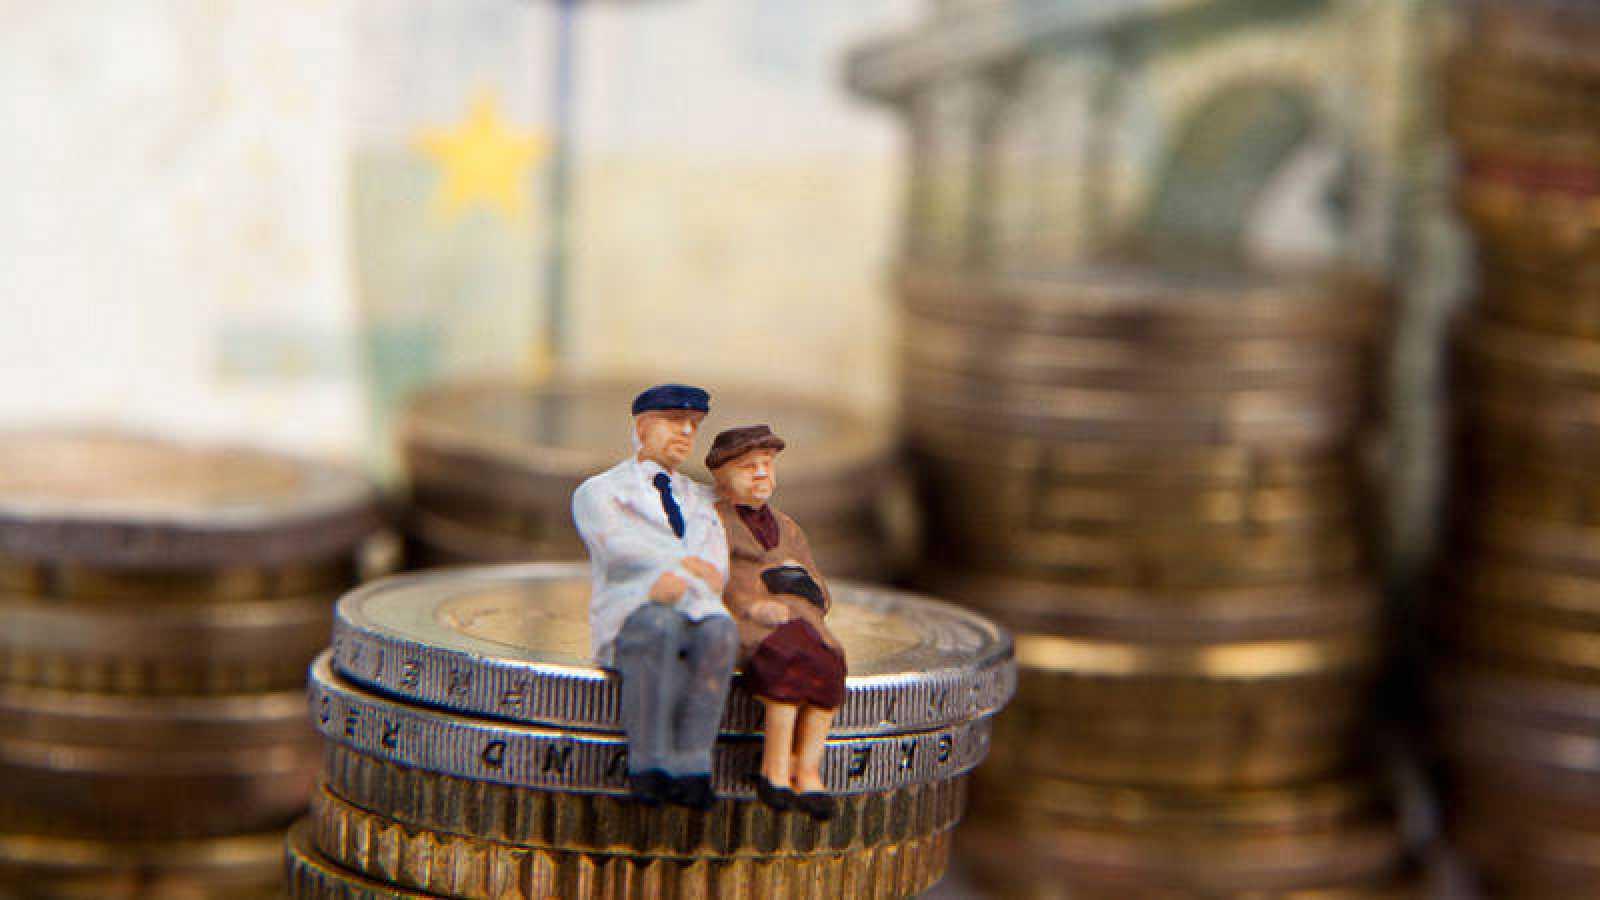 Imagen alegórica de las pensiones:dos ancianos sentados sobre una pila de monedas